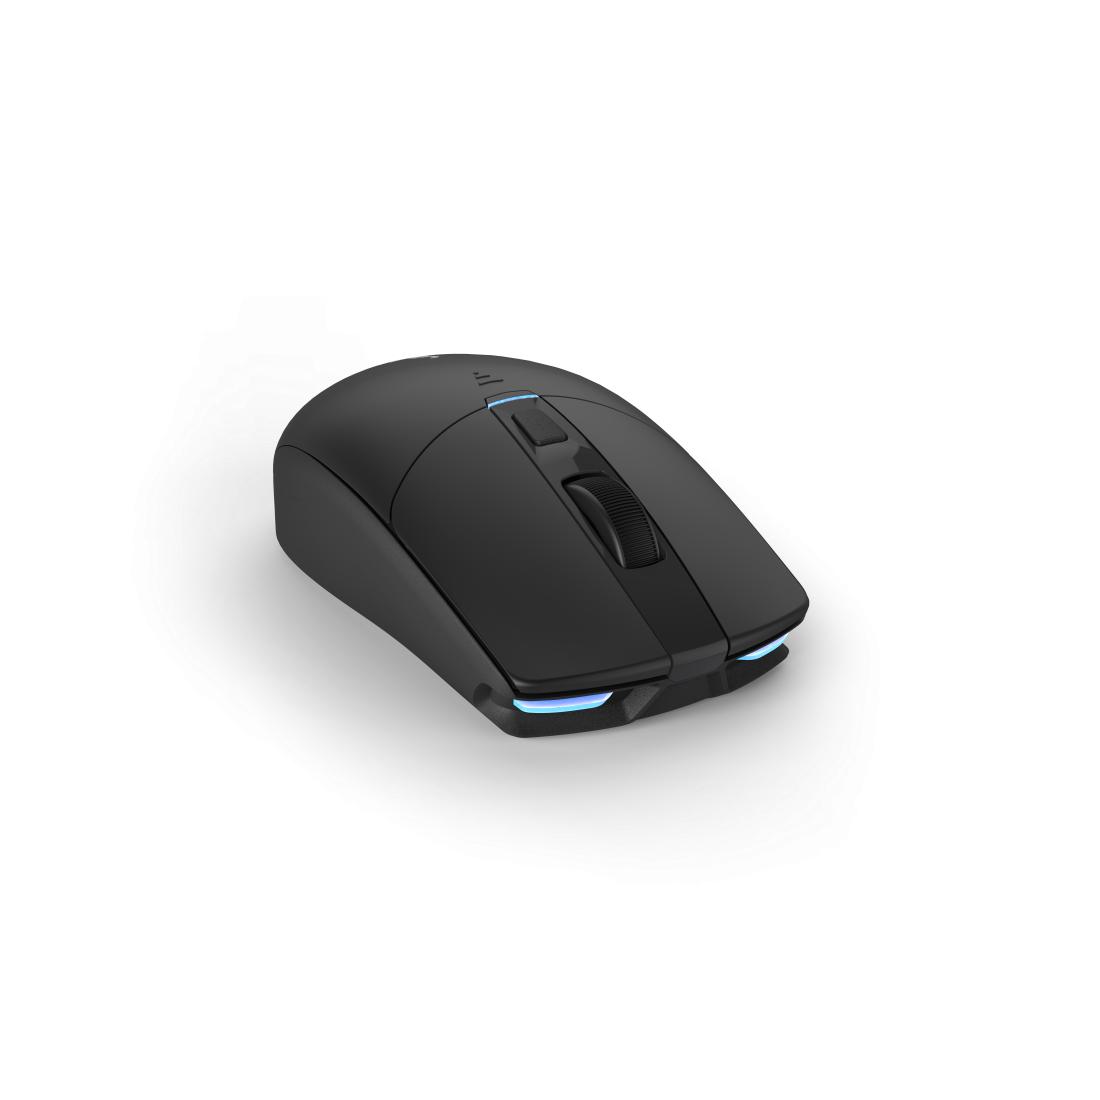 Геймърска безжична мишка Hama Urage Reaper 310 unleashed, 10000 DPI, Черна-3